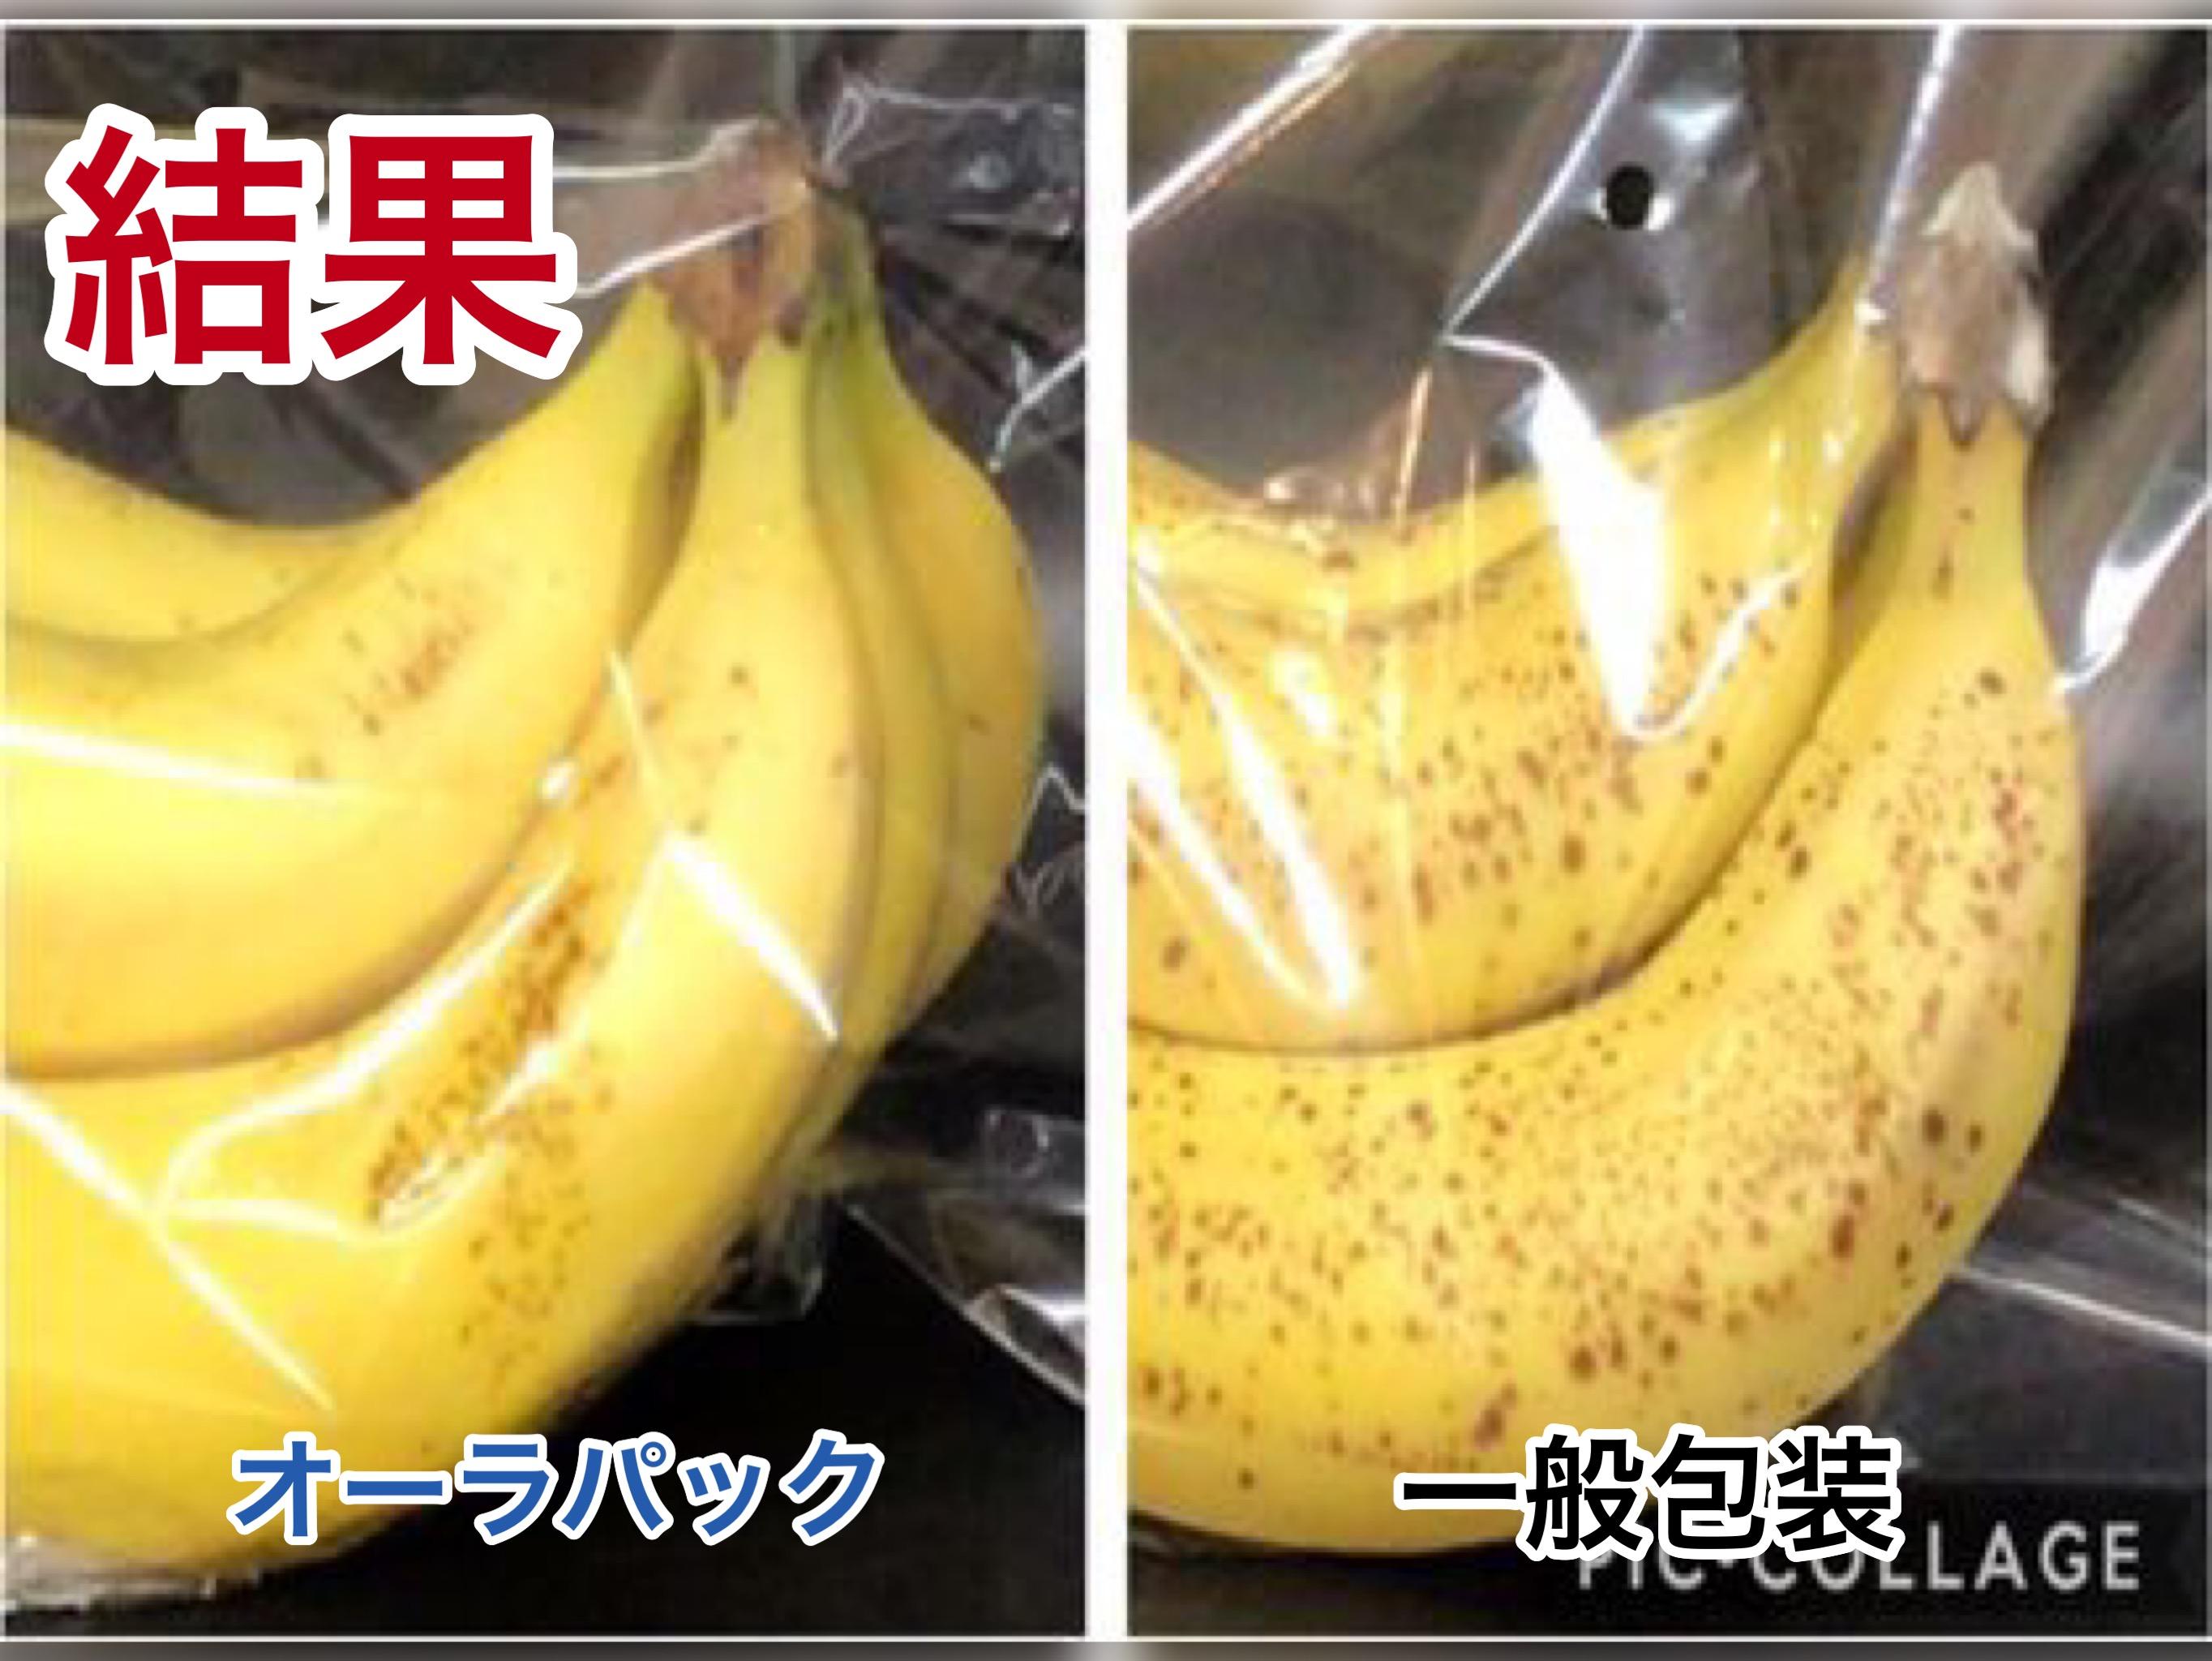 オーラパック バナナ         鮮度比較